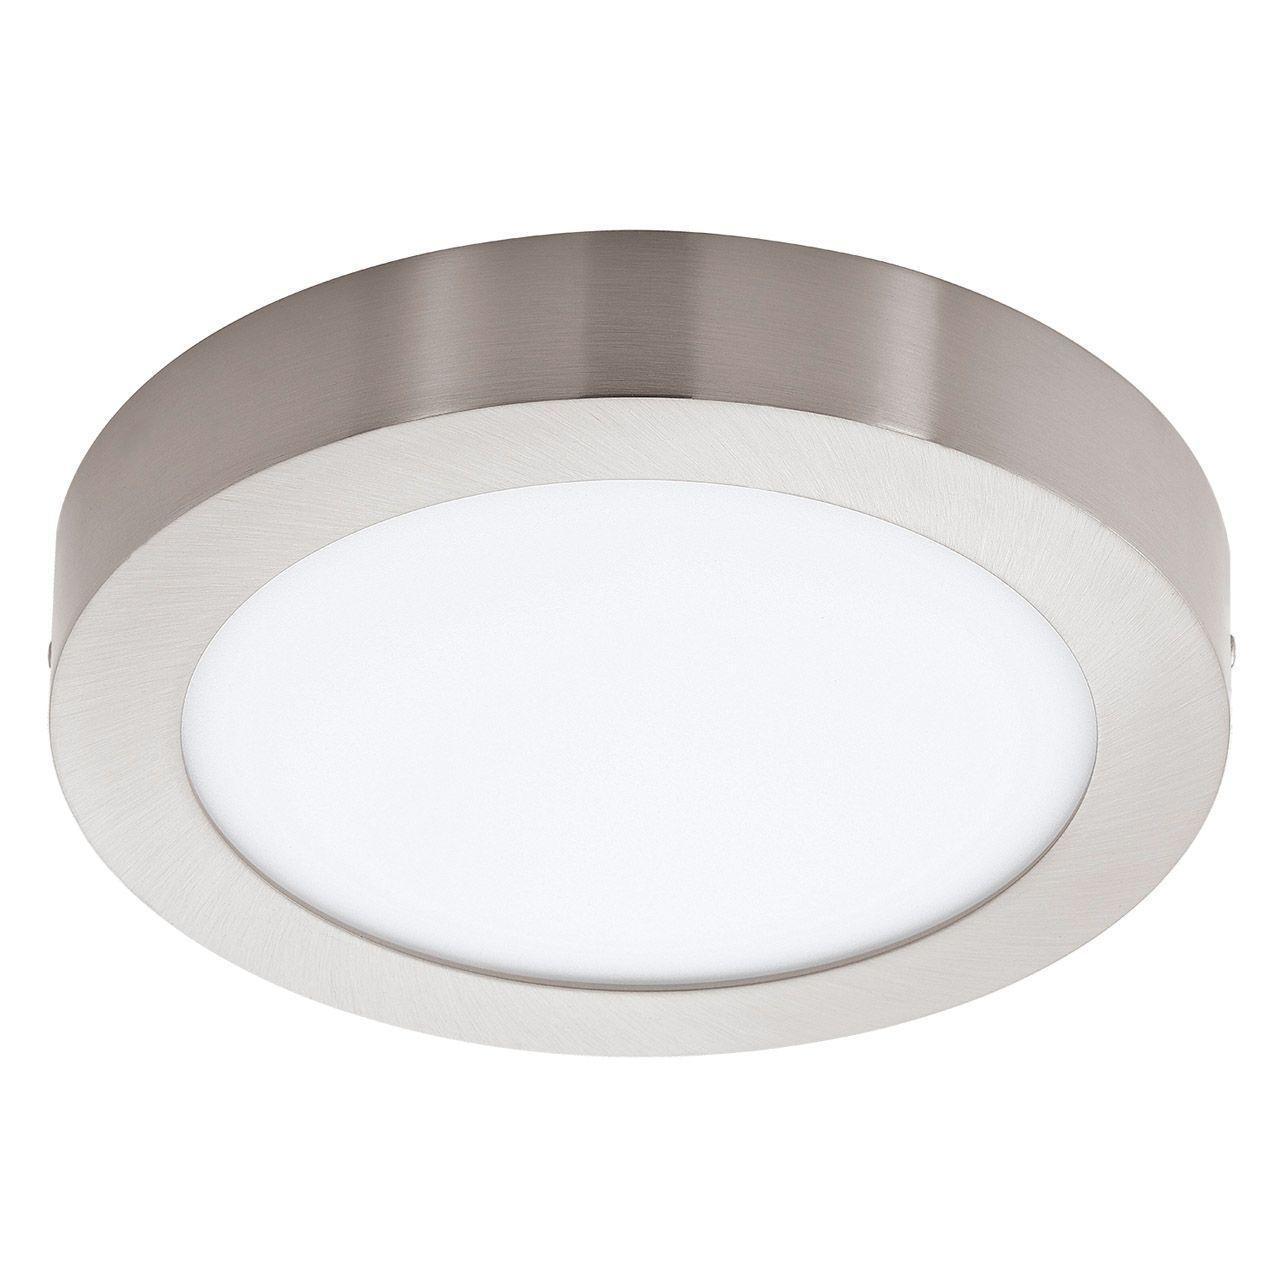 Потолочный светодиодный светильник Eglo Fueva 1 32442 eglo потолочный светодиодный светильник eglo fueva 1 32442